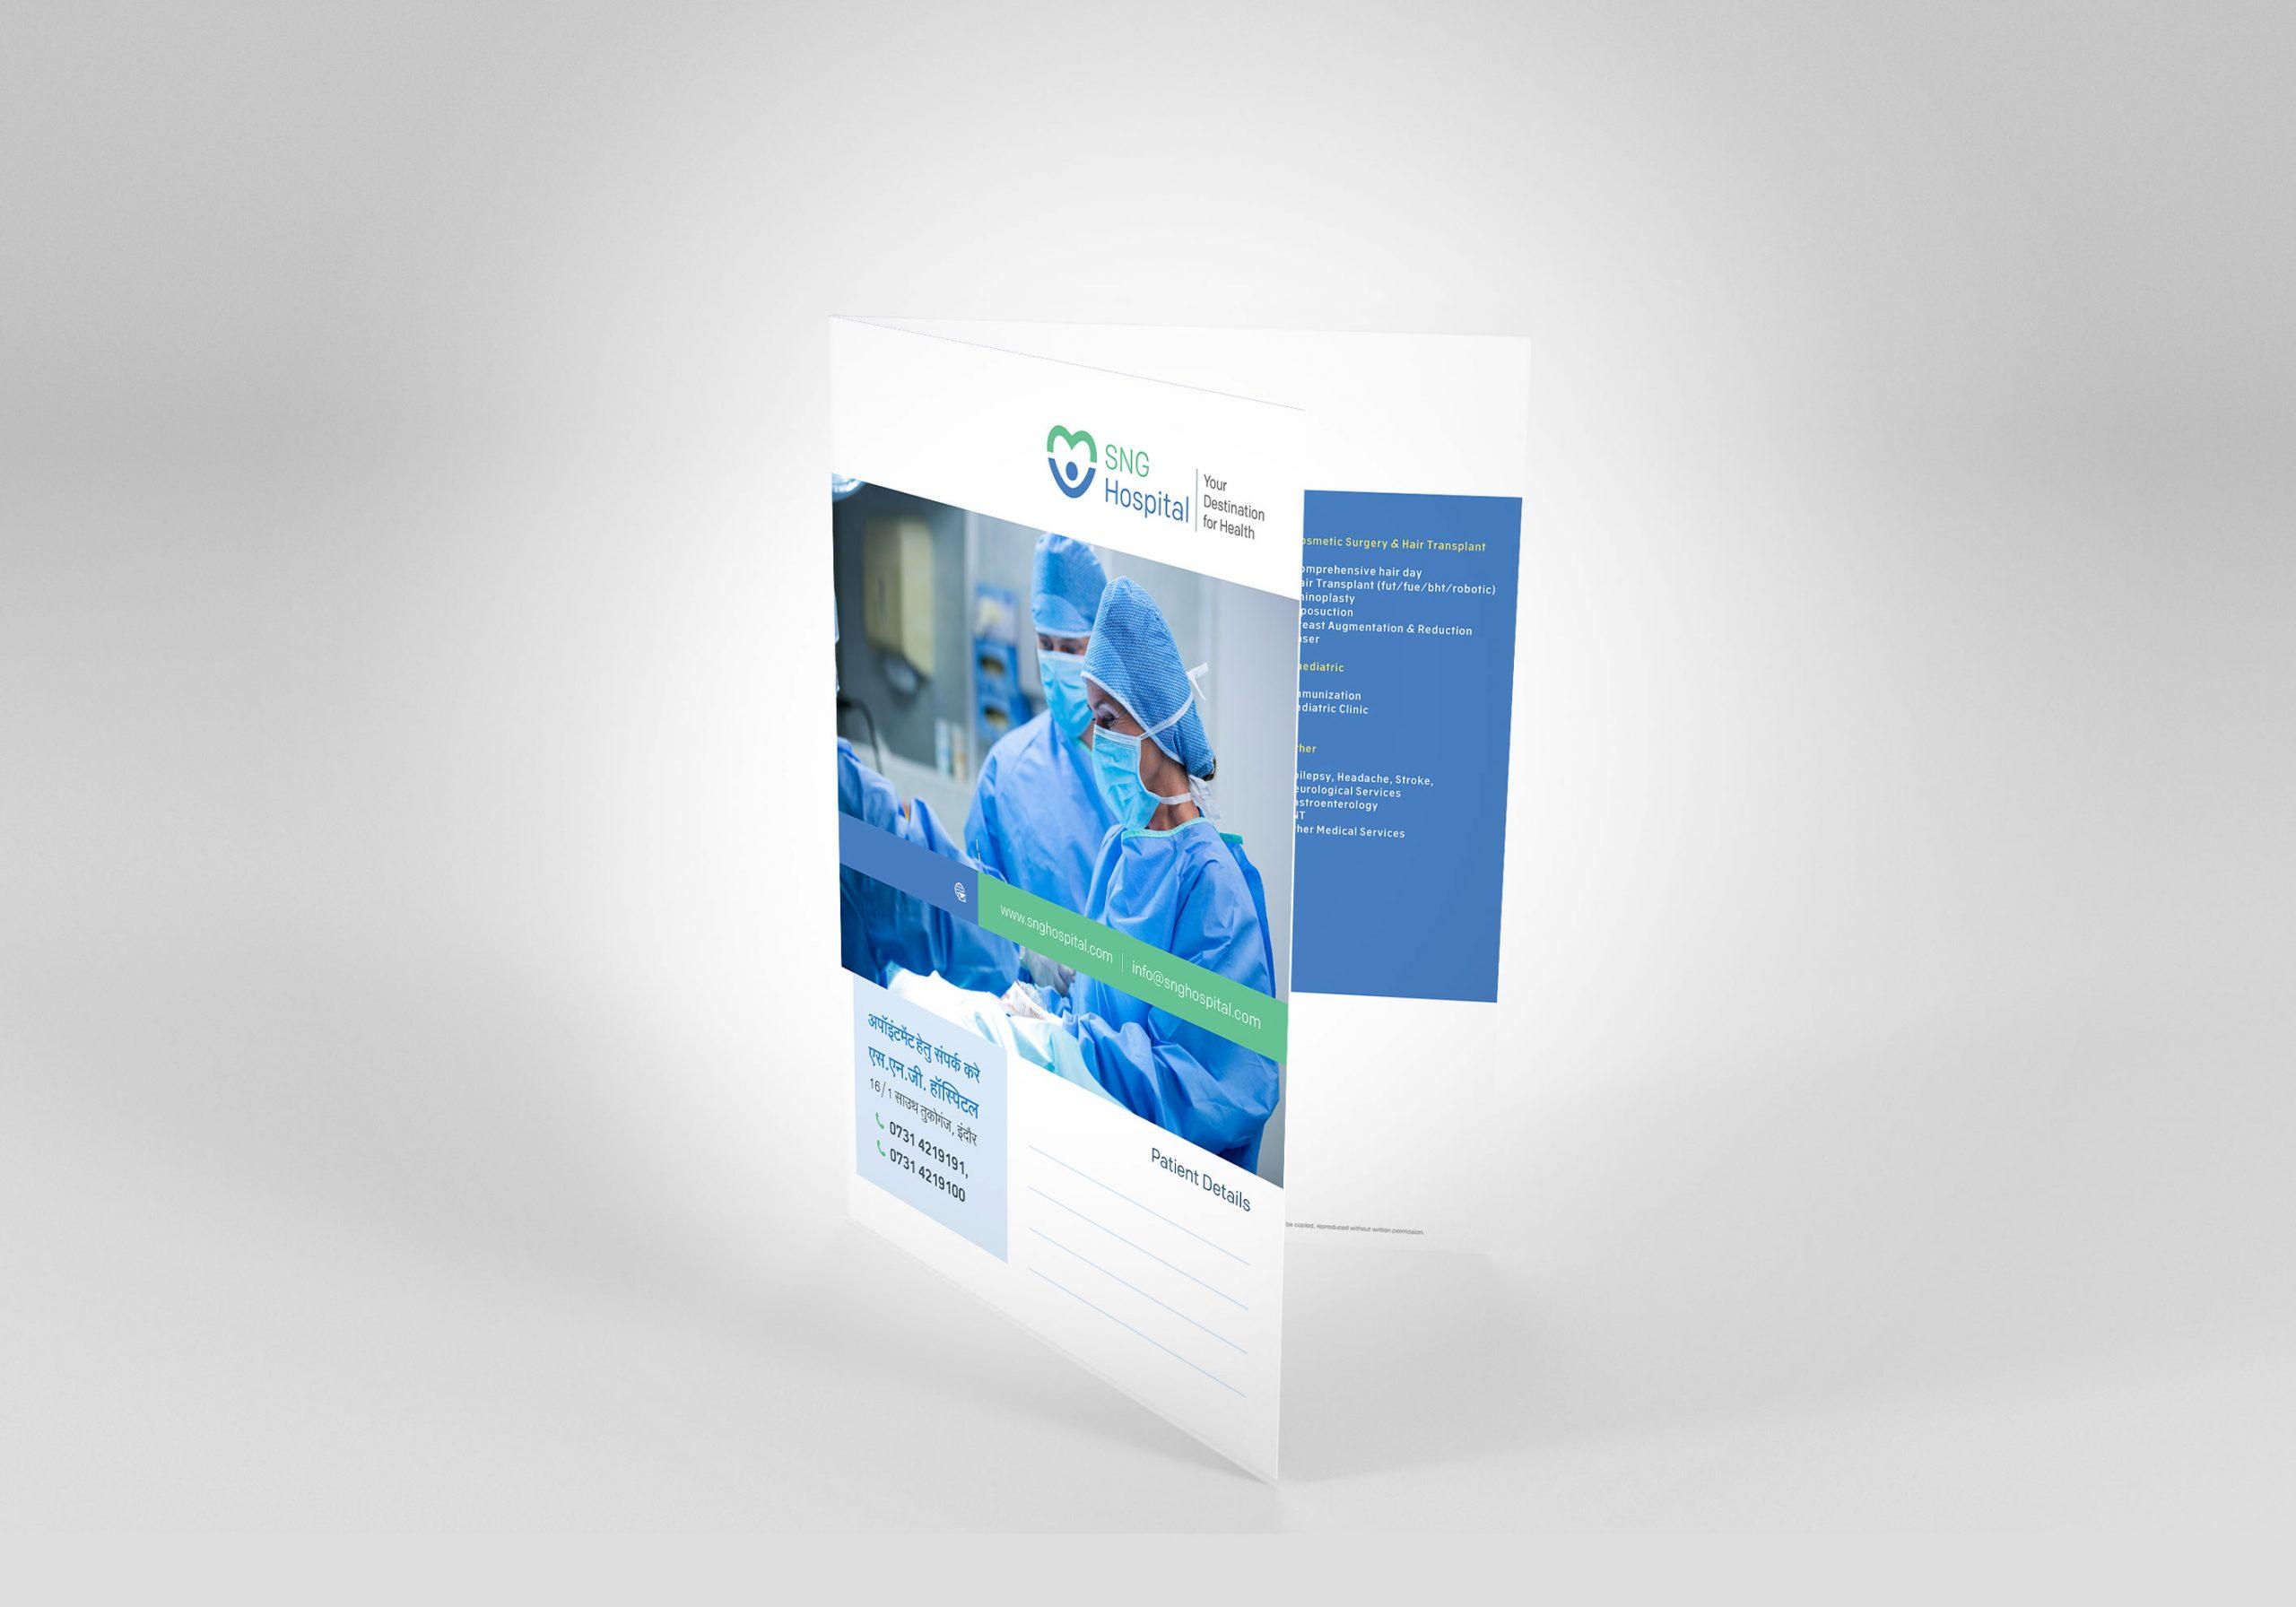 Hospital File Design, Patient File Folder Design Image, Vector Online